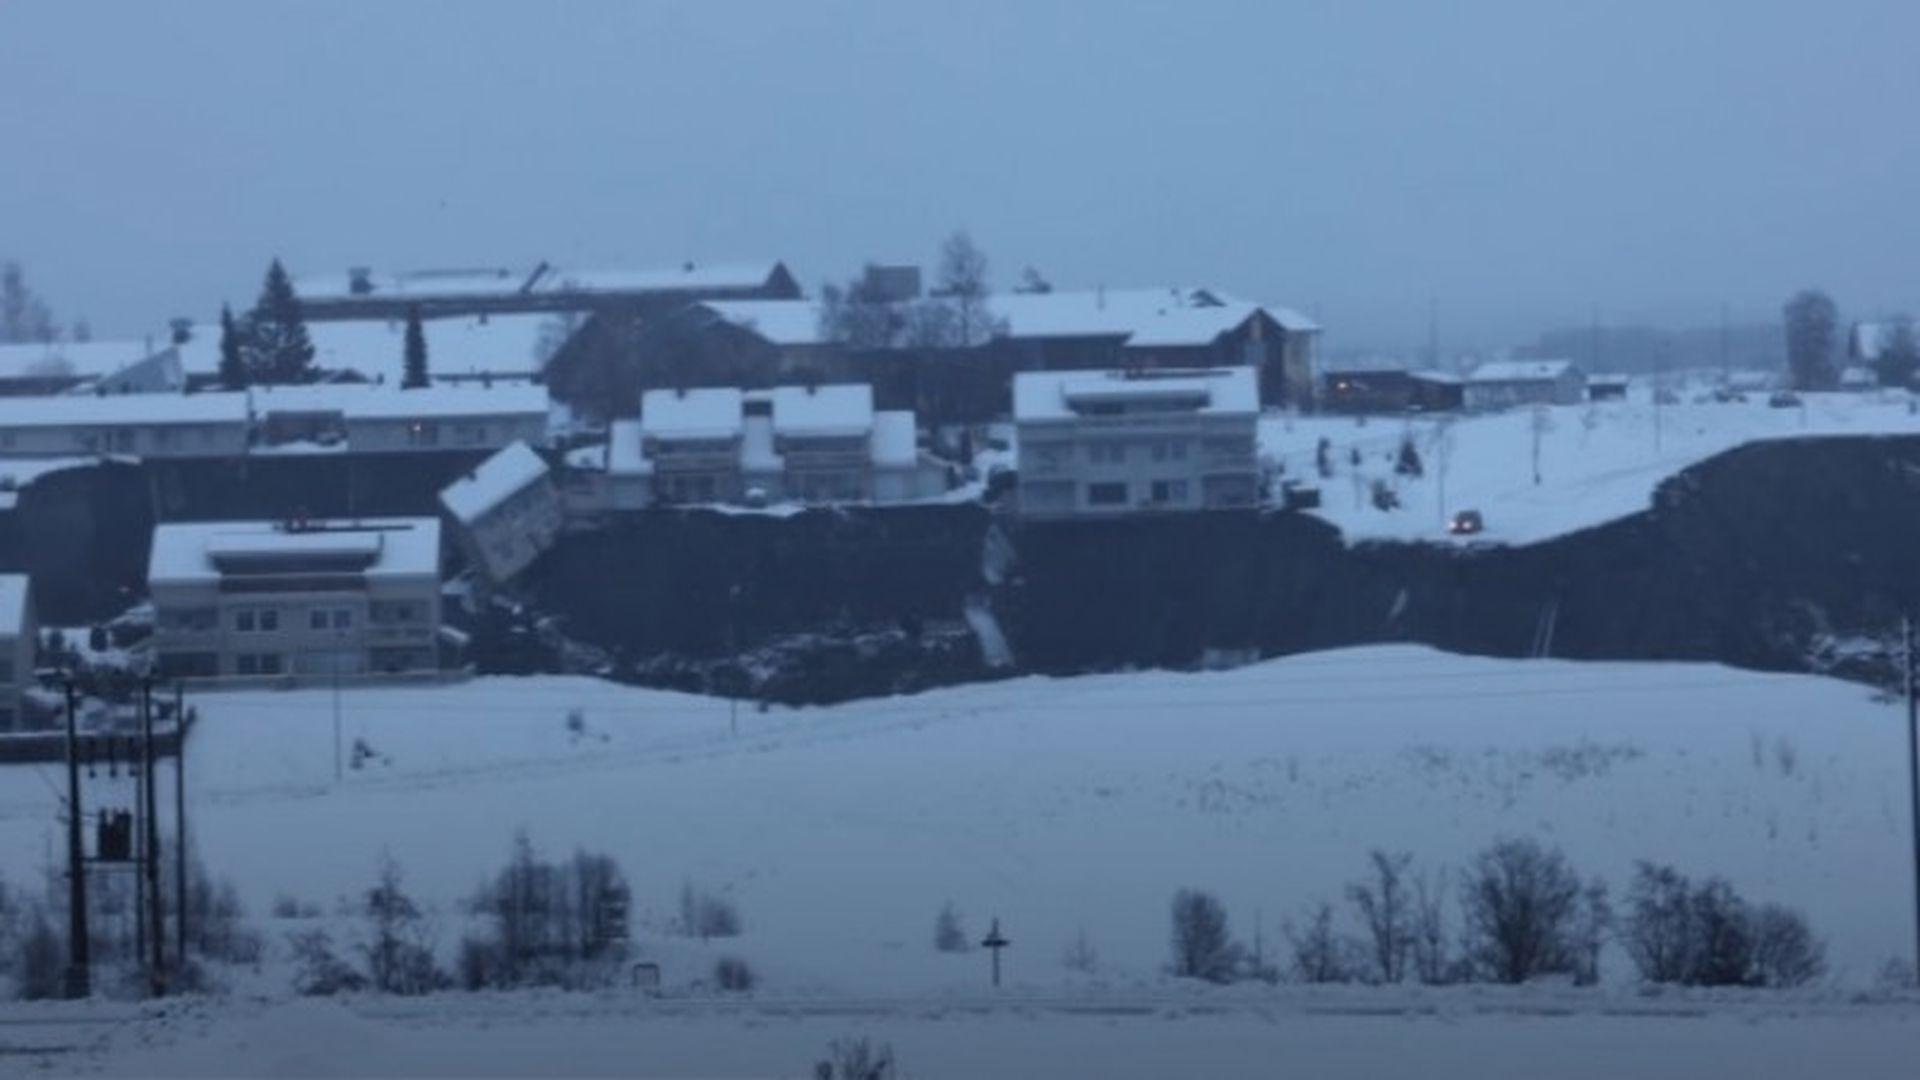 Dezastru în Norvegia. Sute de persoane evacutate și case distruse din cauza unei alunecări de teren